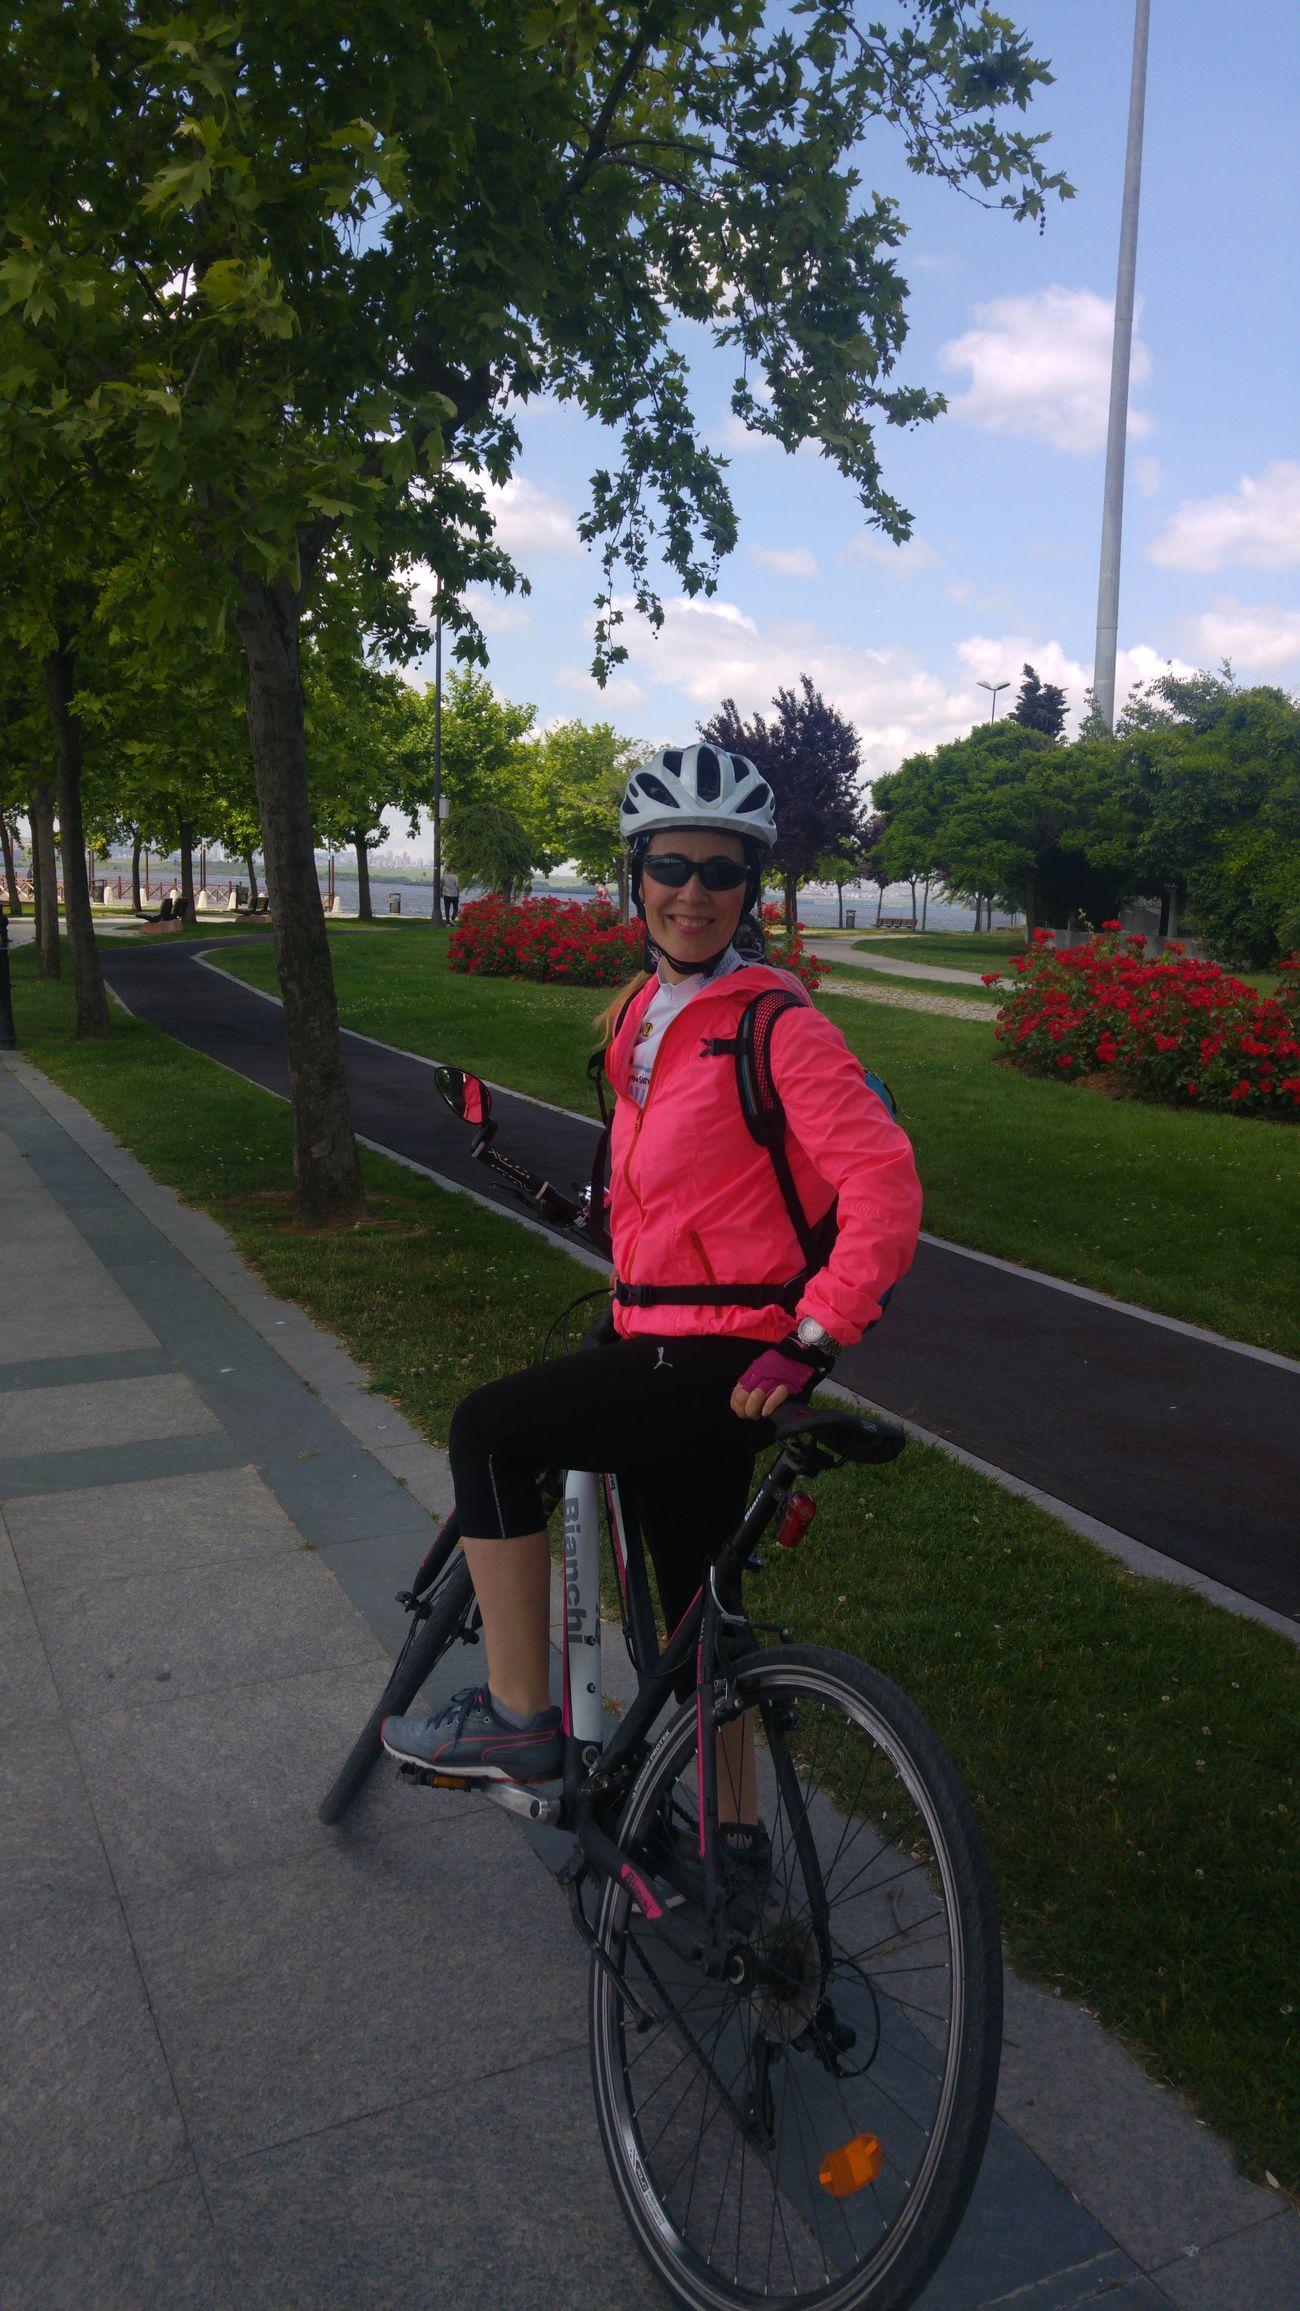 Bicycle Cycling Riding Outdoors Lifestyles Bikelife Bikelove Bikeride Bisikletim Bisikletsevenler Bisikletimveben Bisikleturu Bisikletimvben